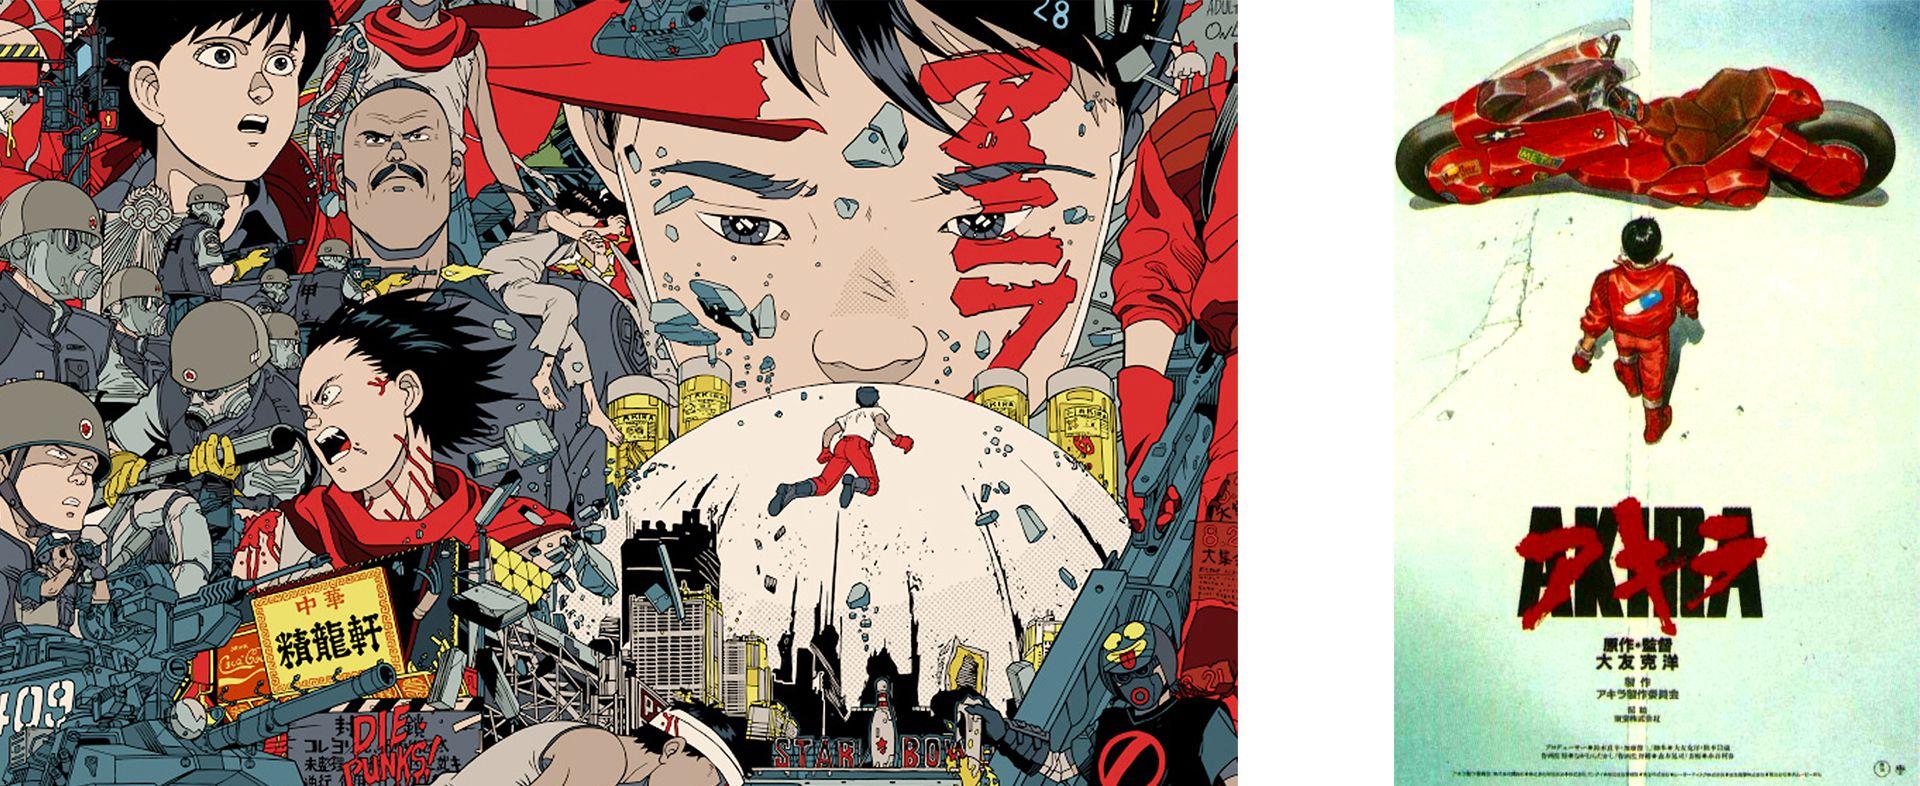 Top 10 anime viễn tưởng hay nhất mọi thời đại không thể bỏ qua (2)